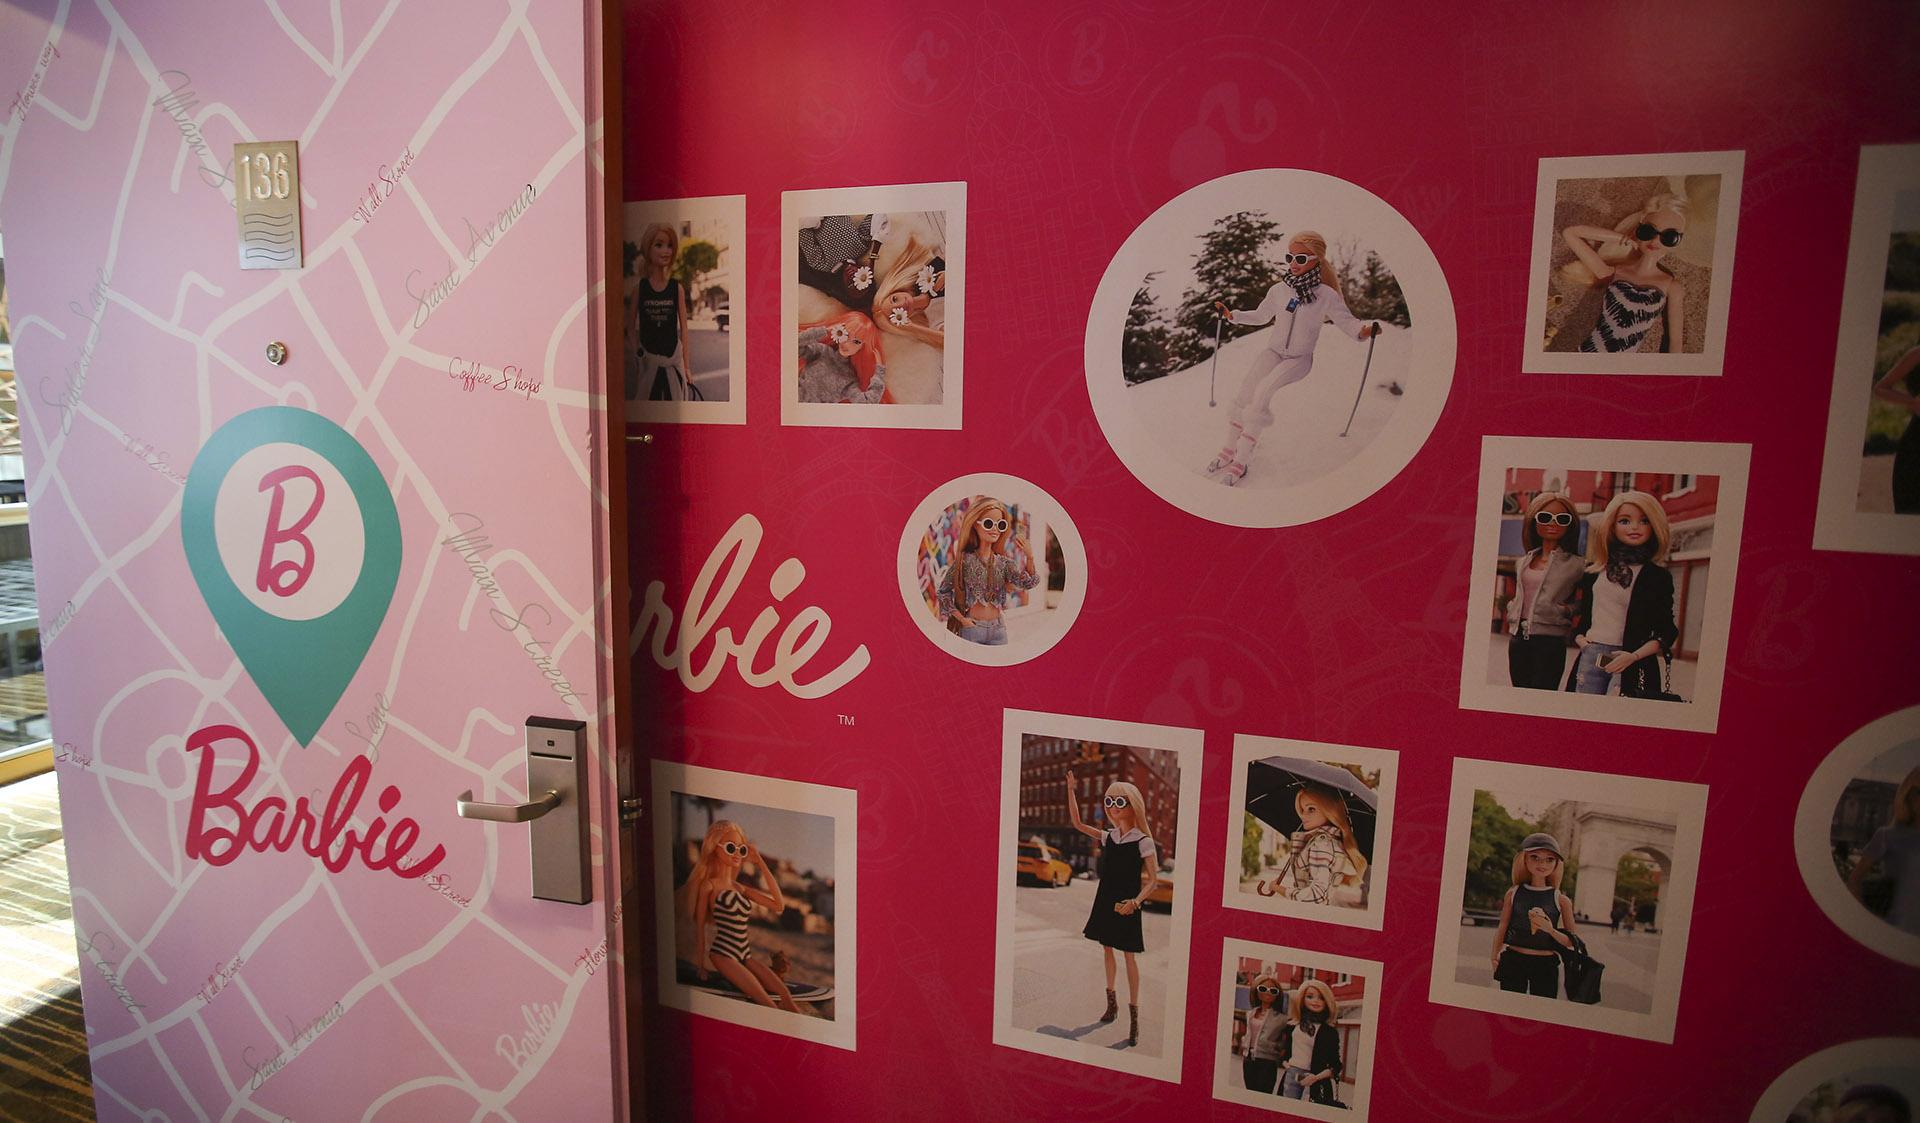 Glamping es la fusión de palabrasglamourycamping que resume la propuesta de Barbie en el Hotel Hilton